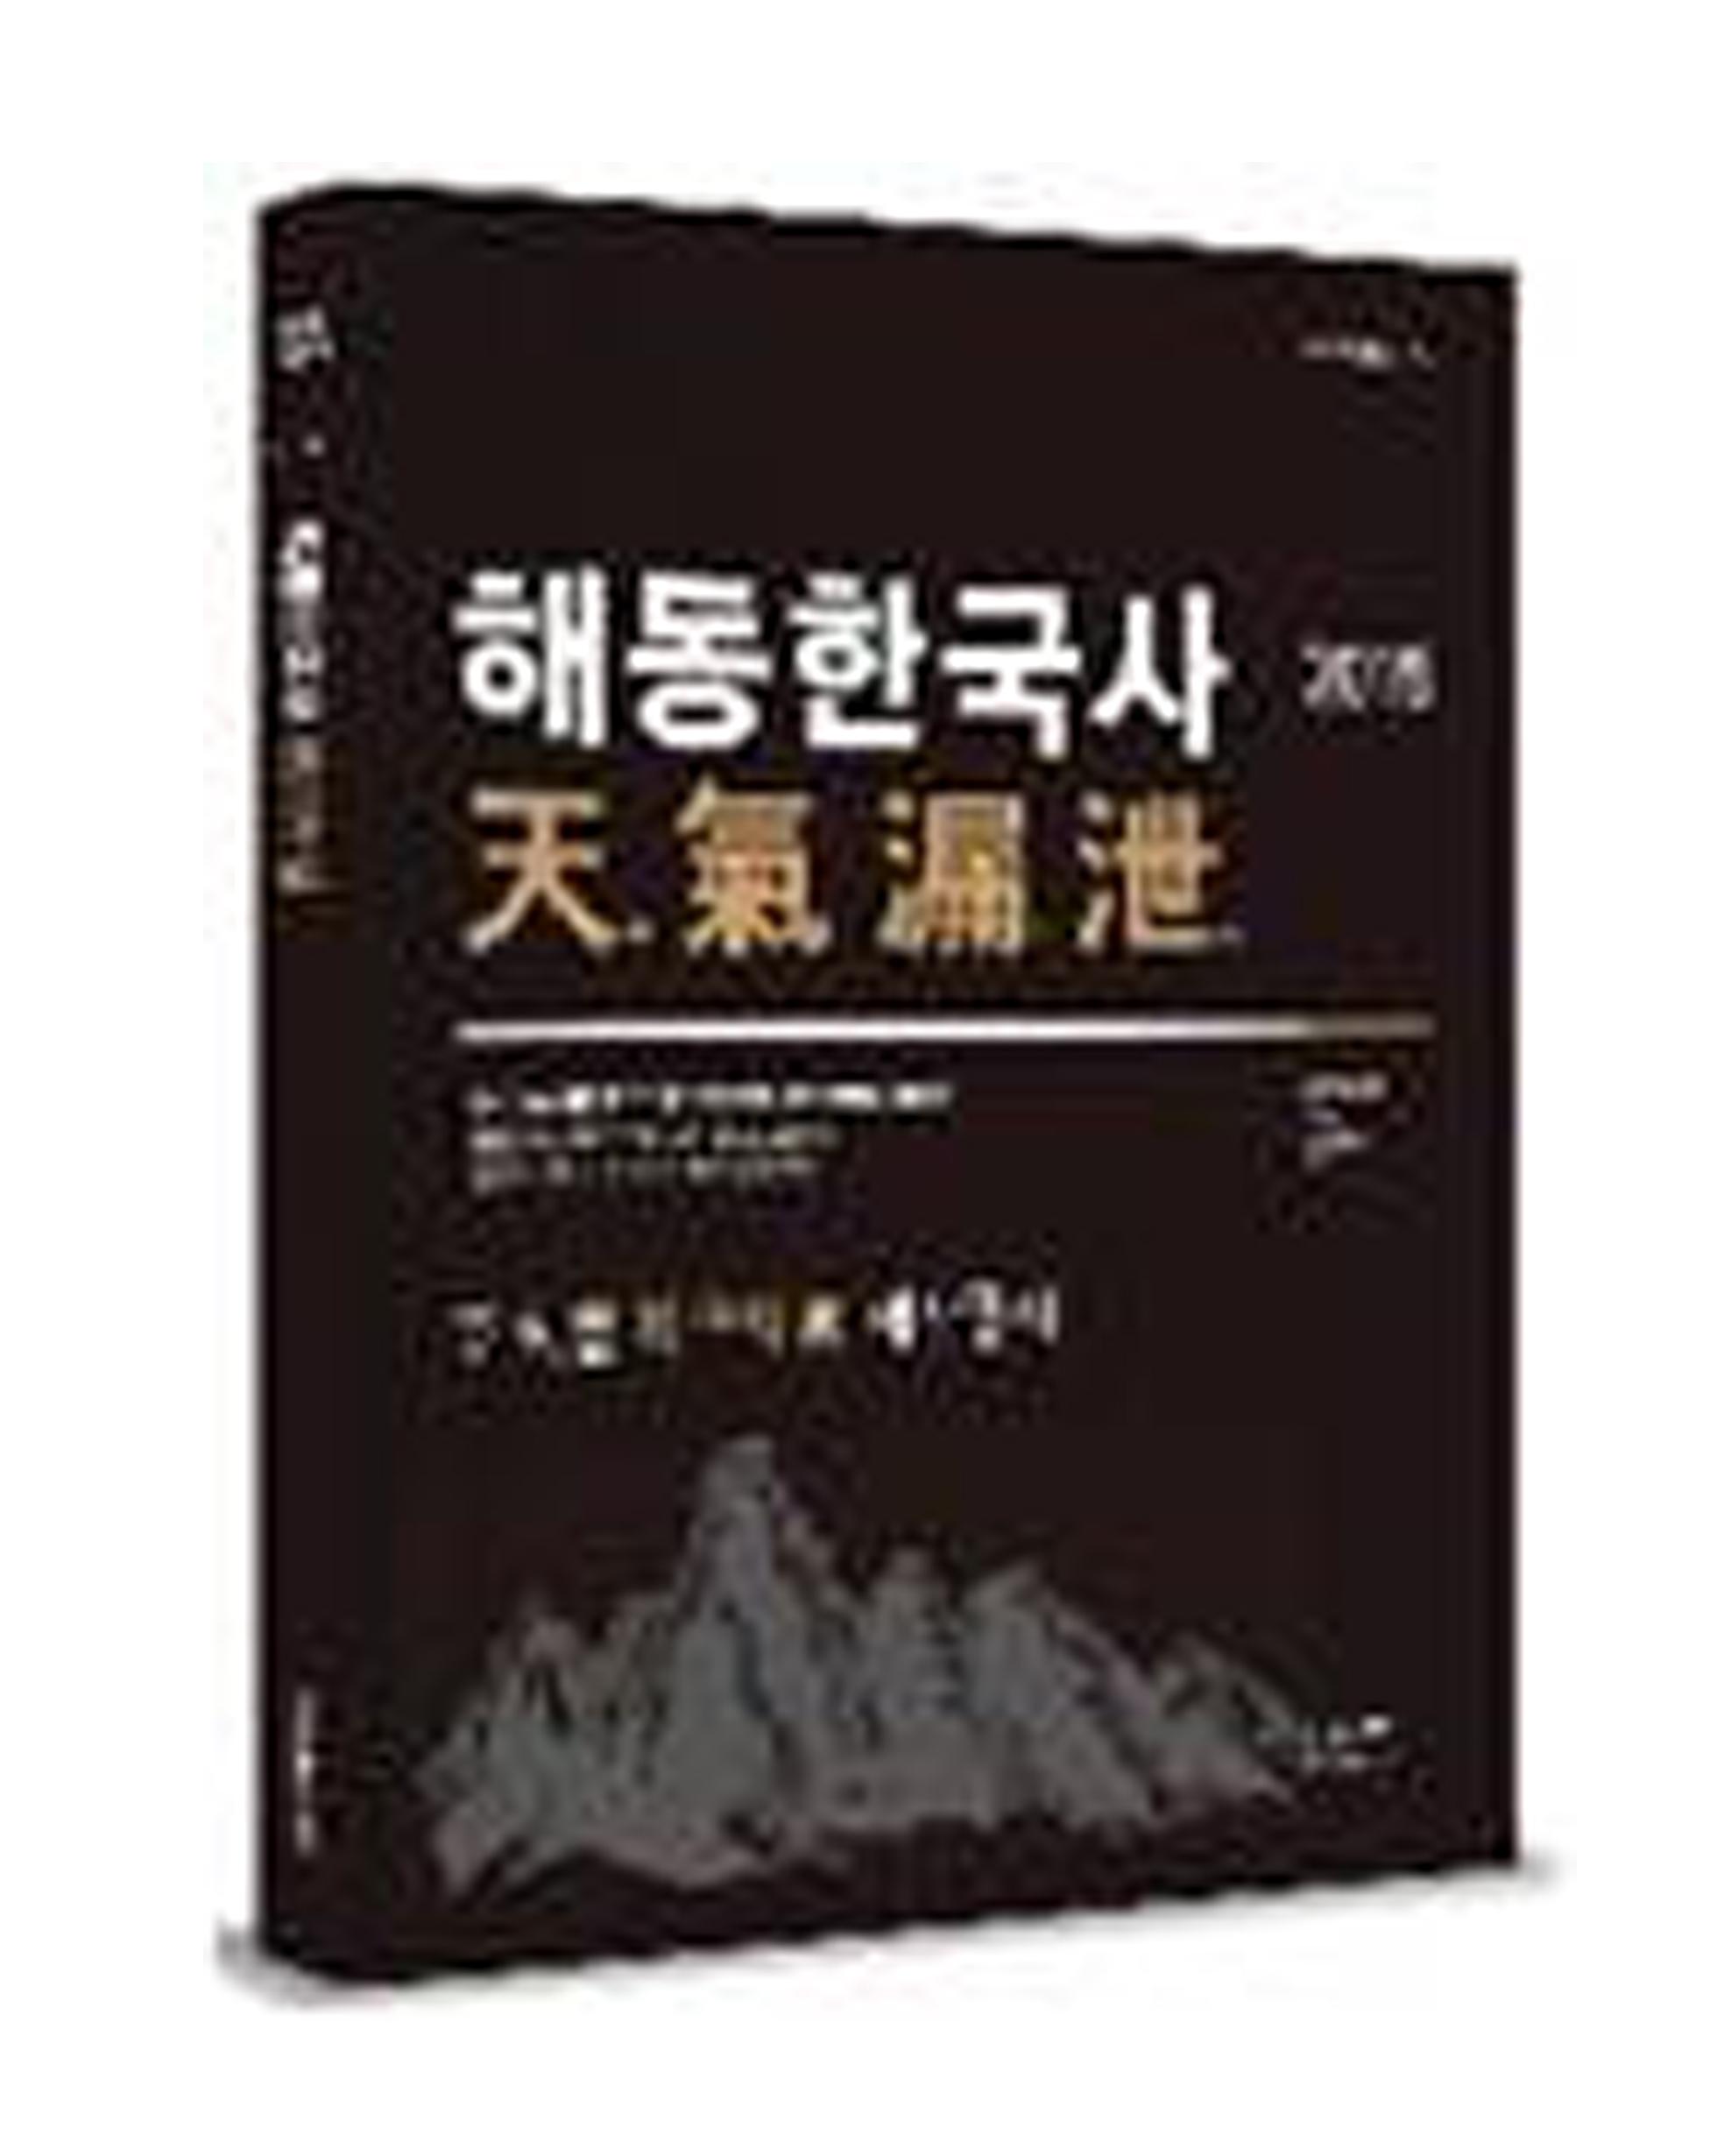 2015 신영식 해동한국사 천기누설